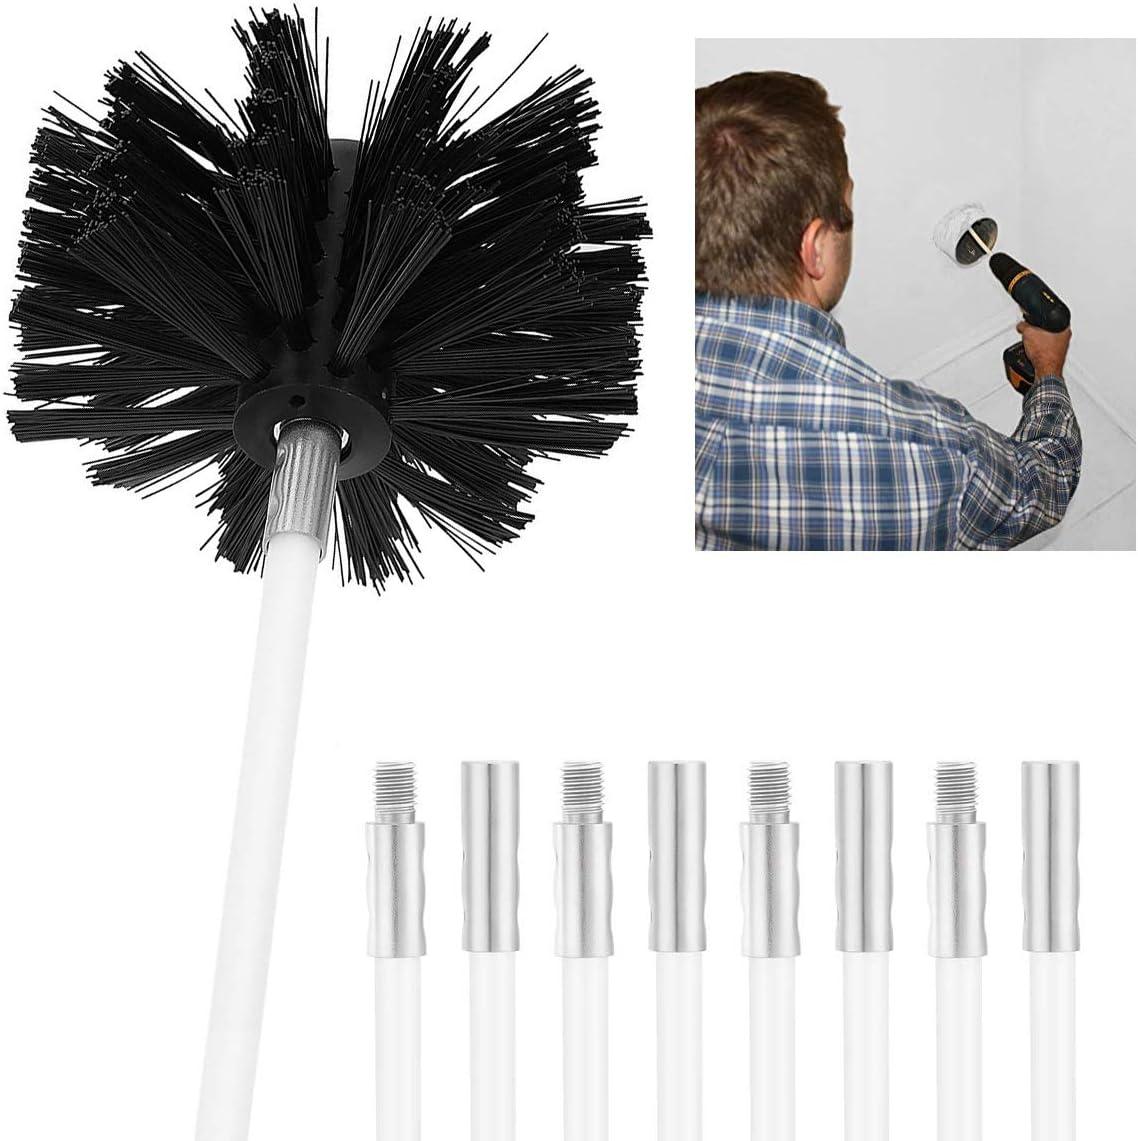 Conducto de la chimenea Barra de limpieza Barrido Barrido Juego de cepillos Conducto seco Kit de limpieza Eliminador de pelusas (1 cabeza del cepillo + 4 barras / Uso con o sin taladro eléctrico)